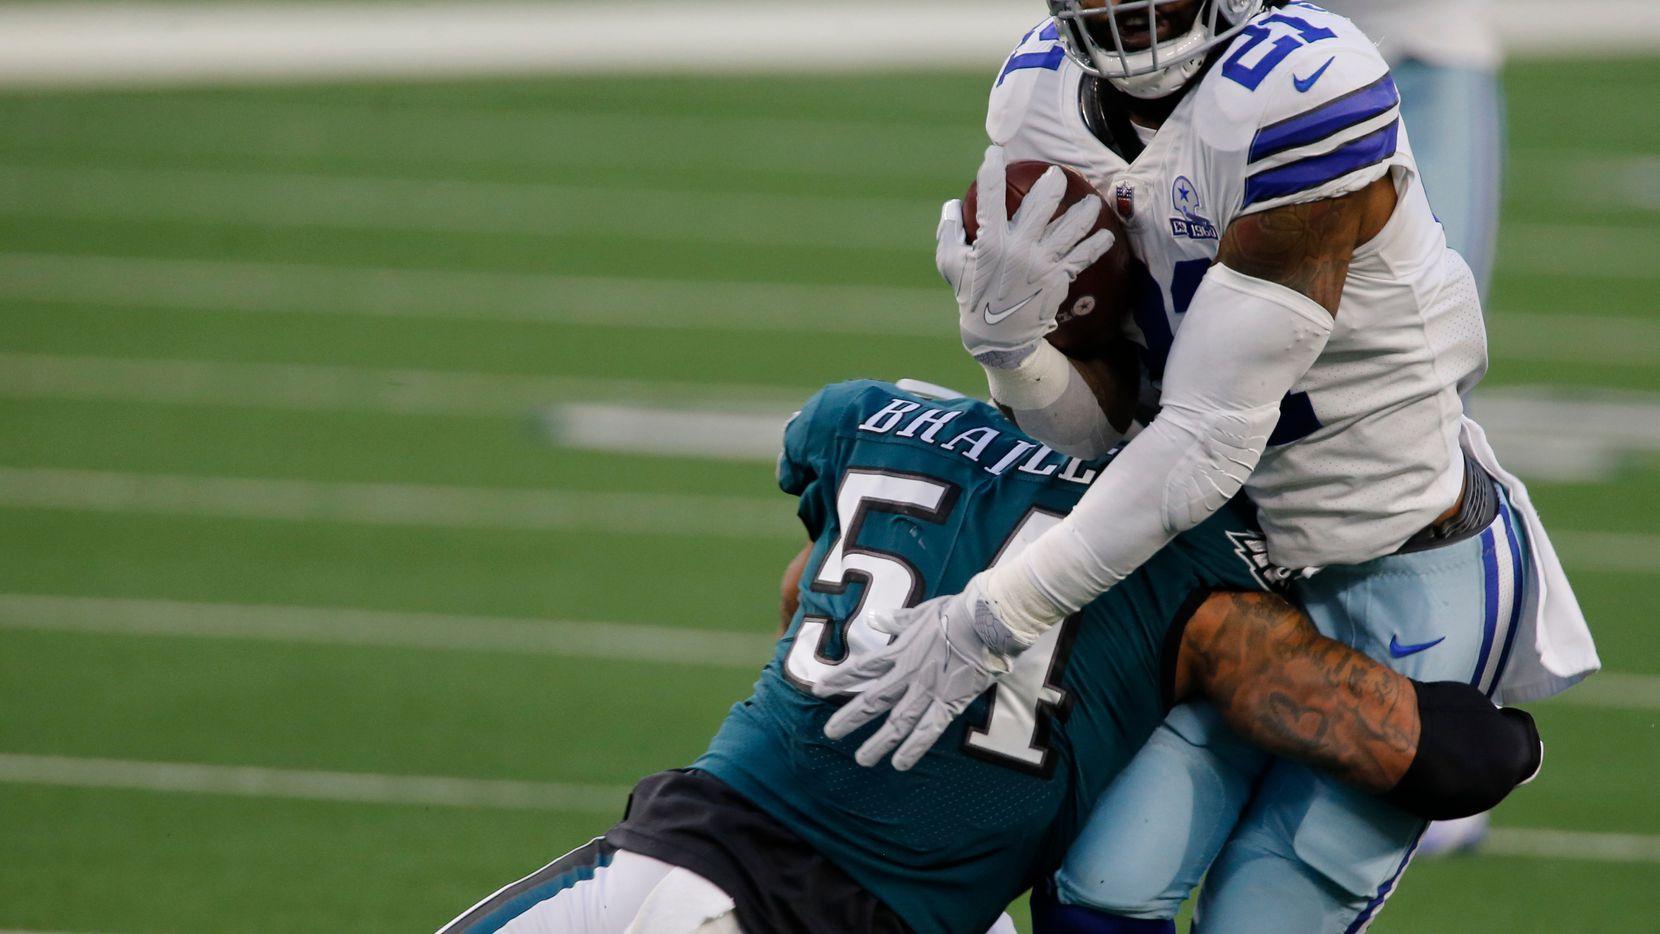 Los Cowboys de Dallas y los Eagles de Filadelfia chocarán el lunes 27 de septiembre en el AT&T Stadium de Arlington.